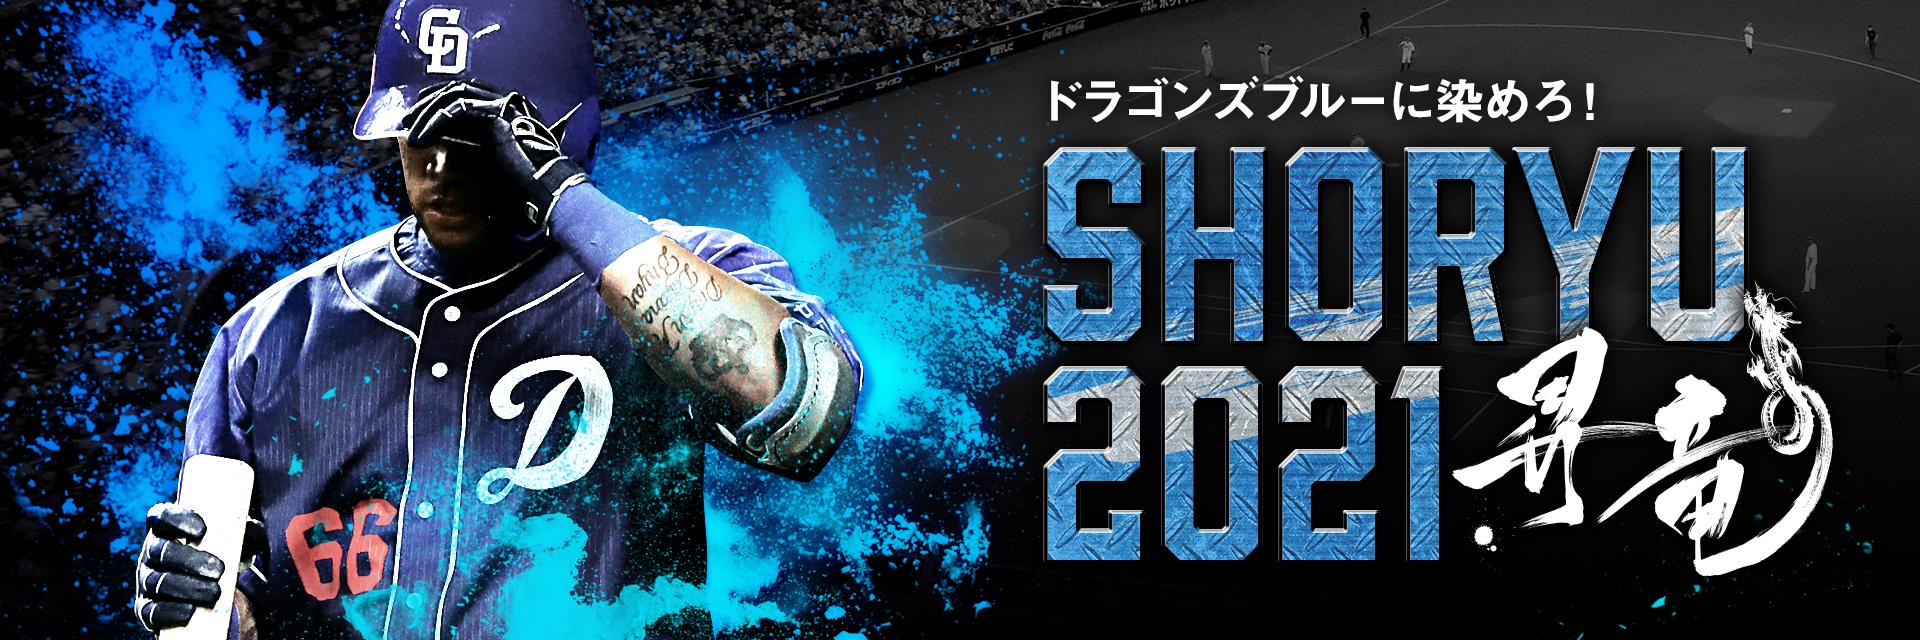 8月21日、22日、9月5日に開催される『SHORYU2021』